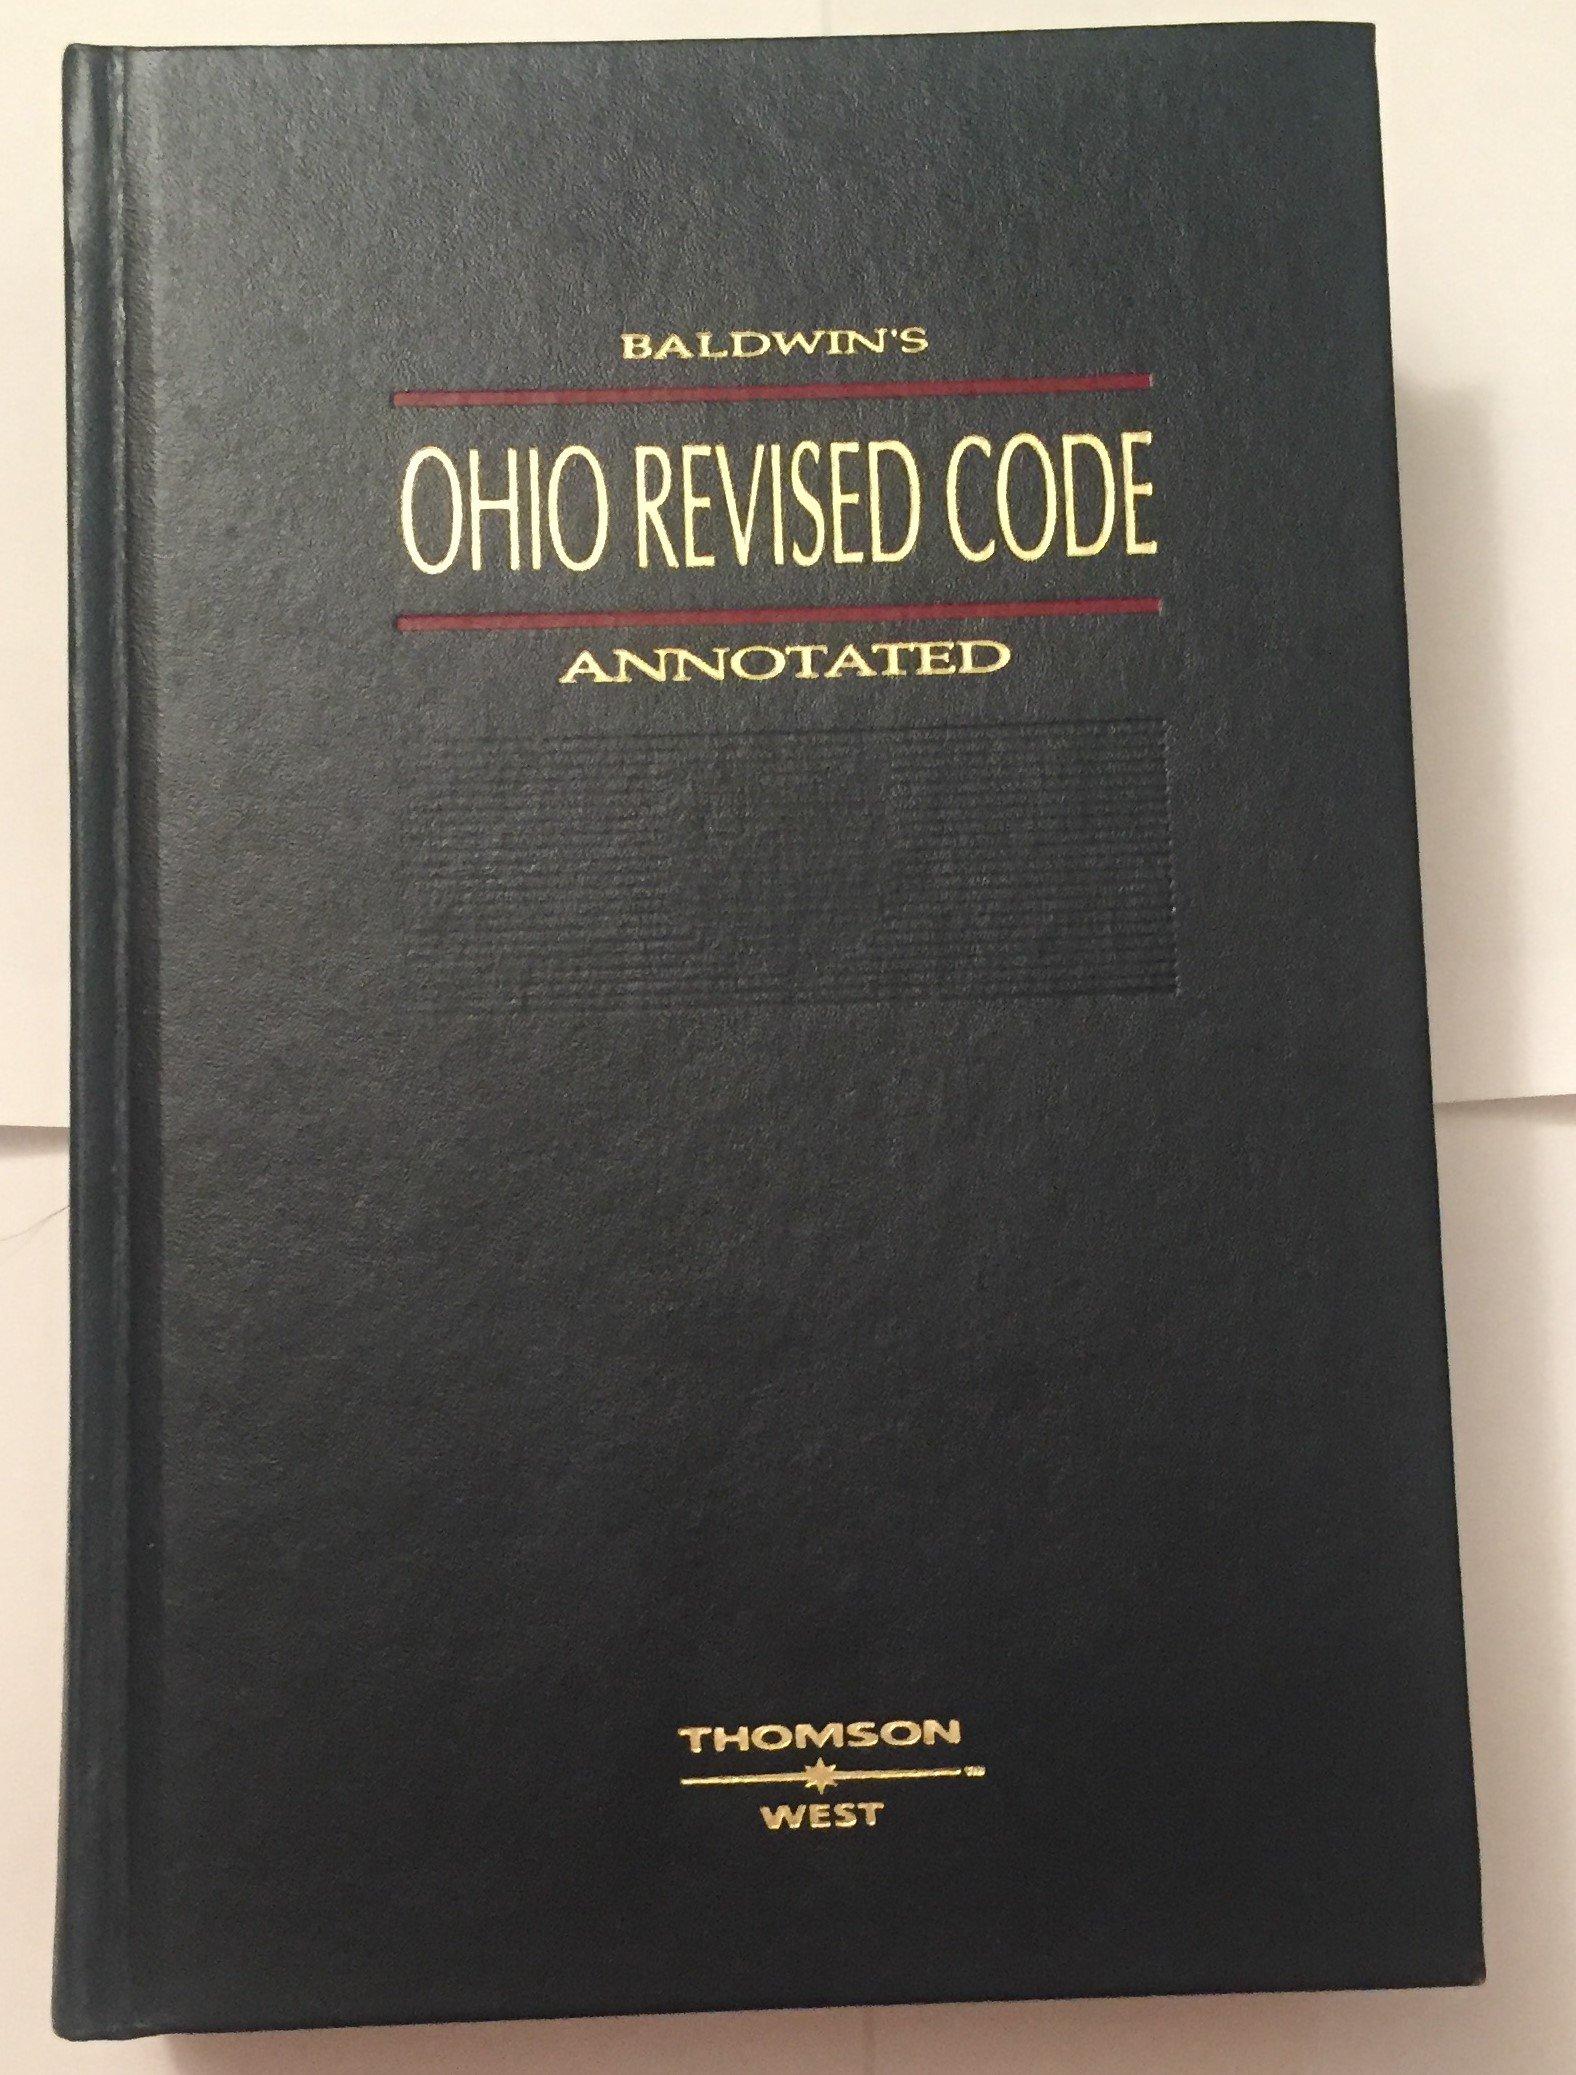 Ohio Revised Code Book